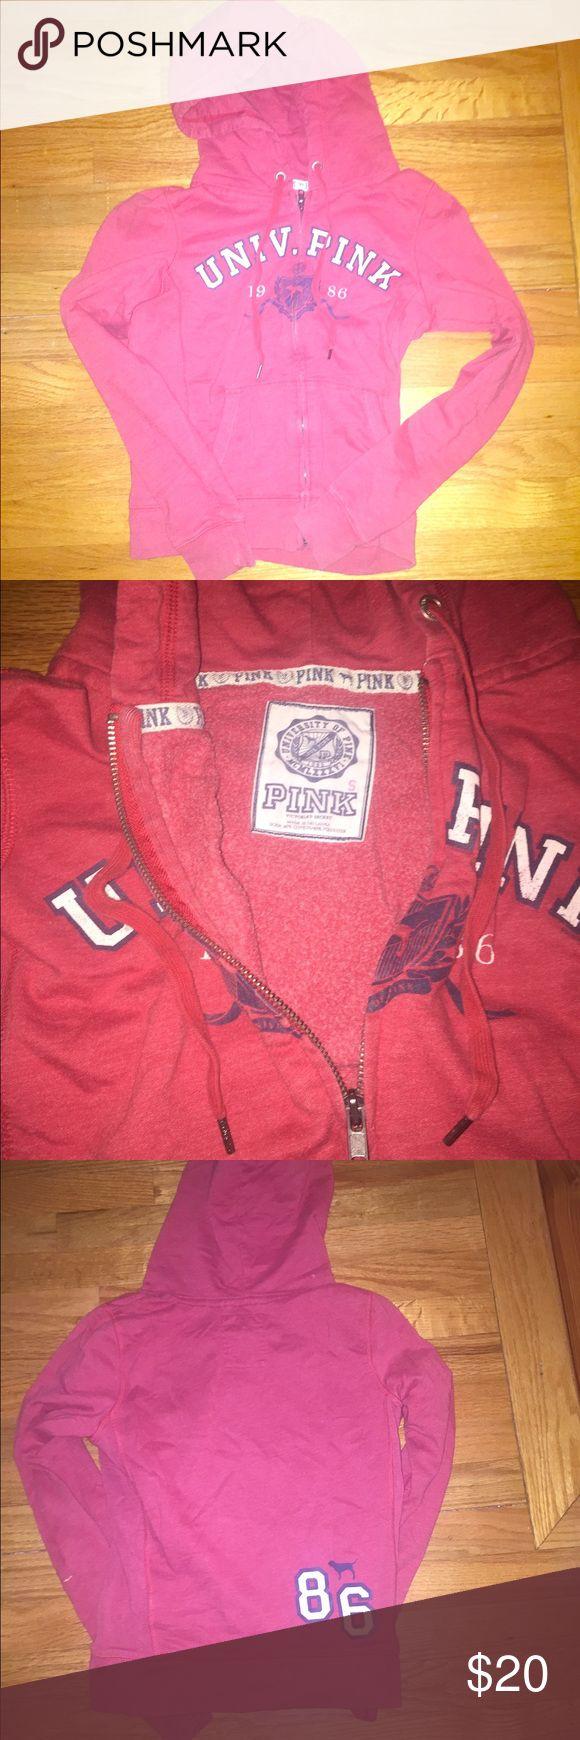 Victoria secret pink zip up hoodie Victoria secret pink zip up hoodie, red, size small PINK Victoria's Secret Jackets & Coats